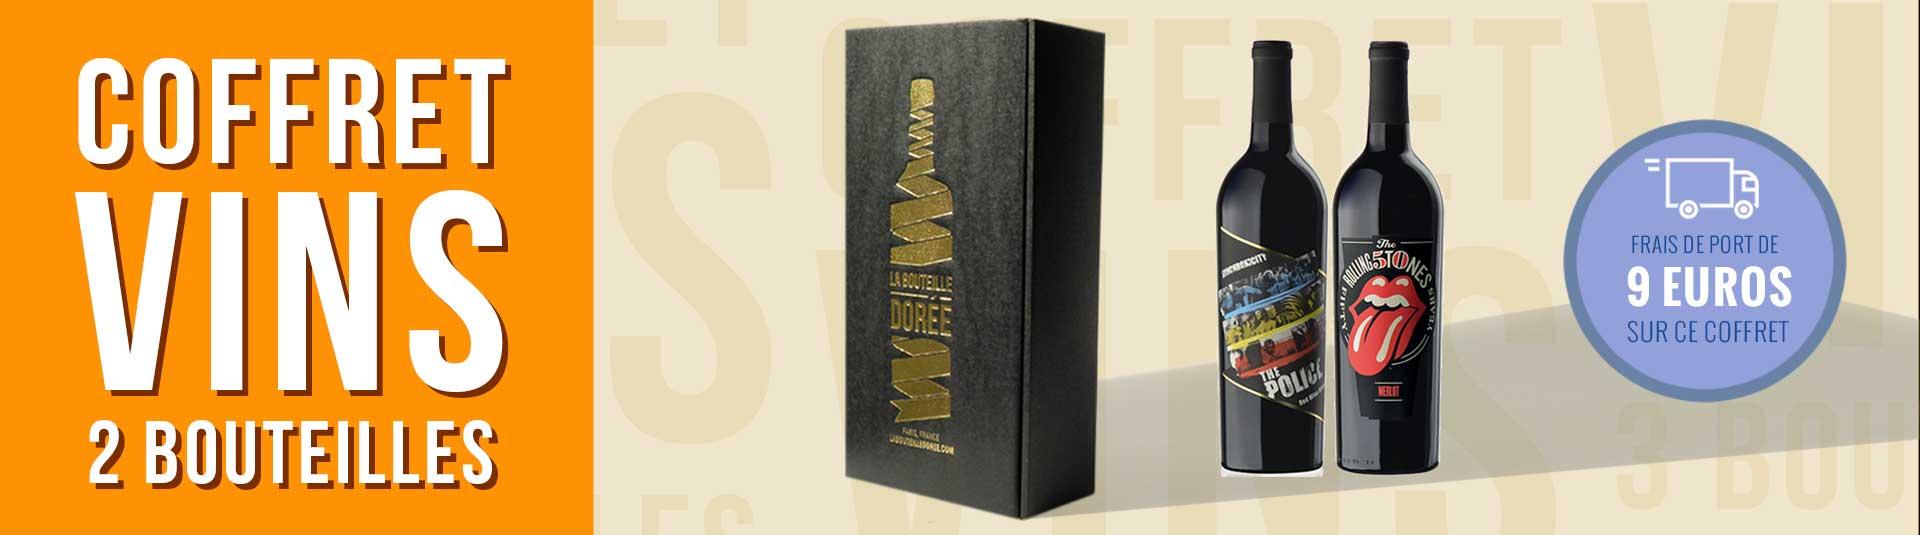 Coffret vin rouge Rock USA 2 bouteilles